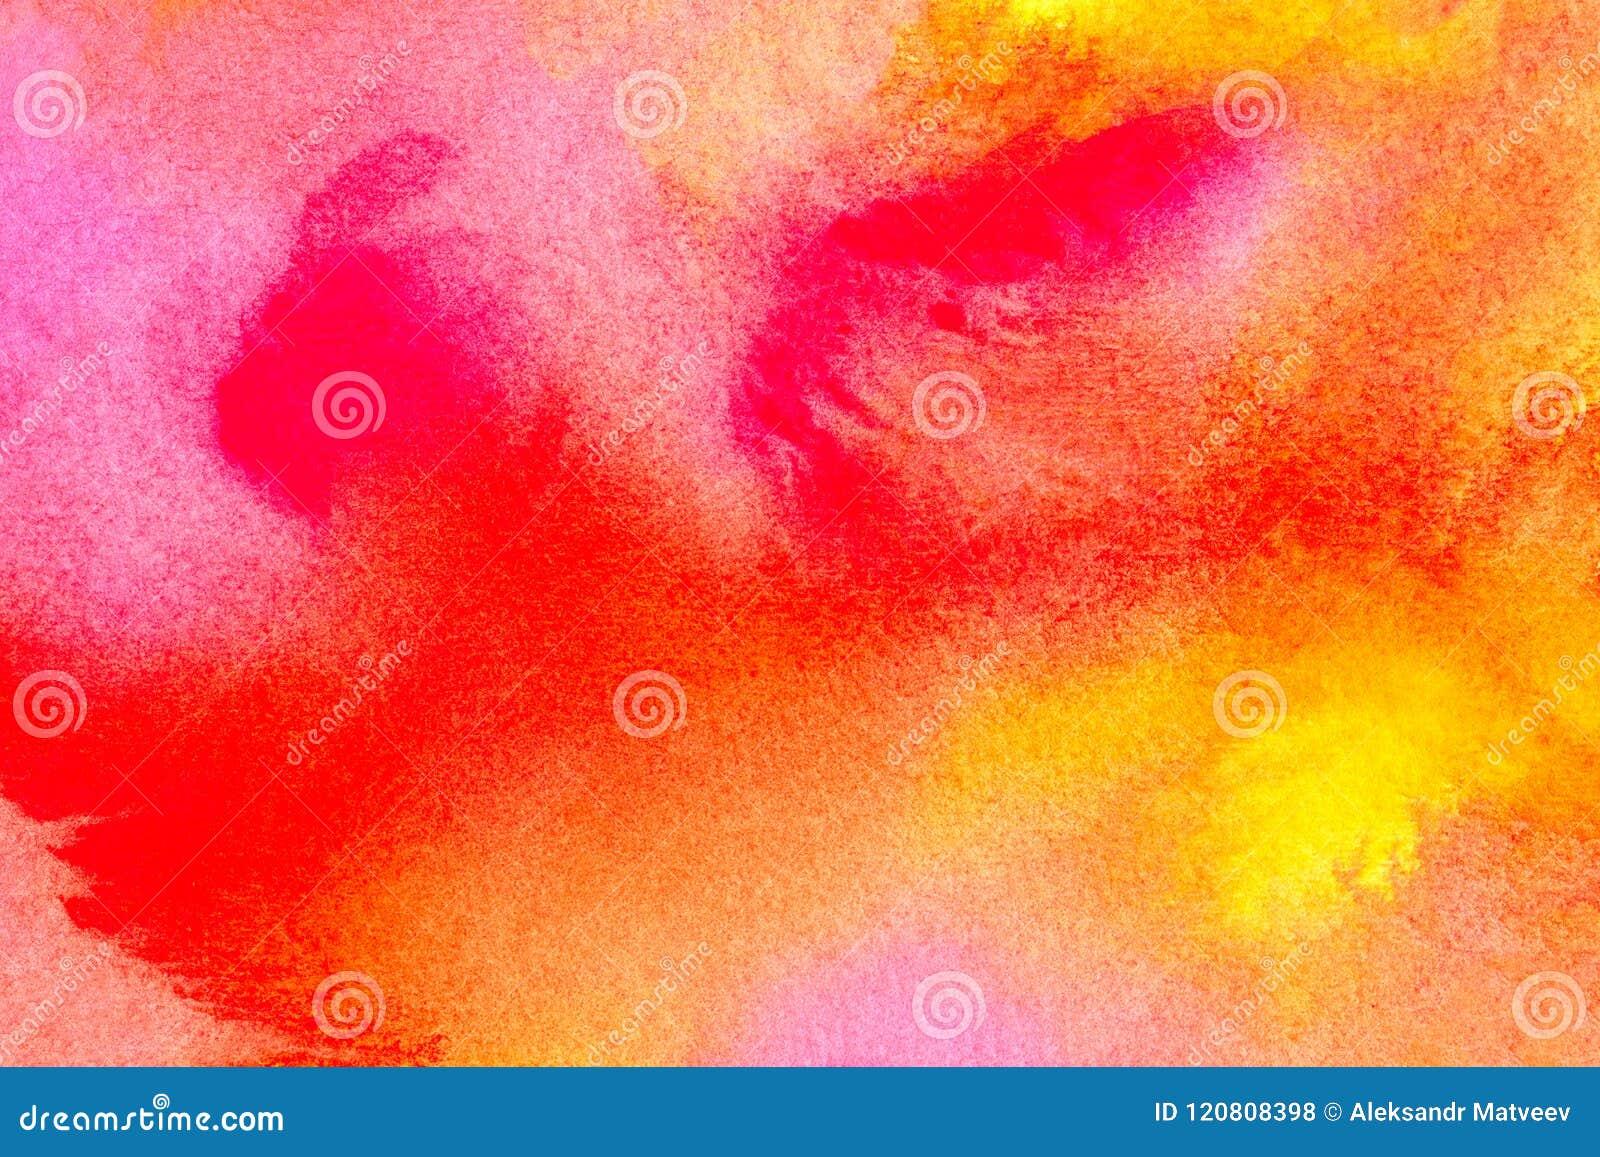 Fundo bonito da aquarela no amarelo vermelho cor-de-rosa alaranjado vibrante Grande para texturas e fundos para seus projetos e e